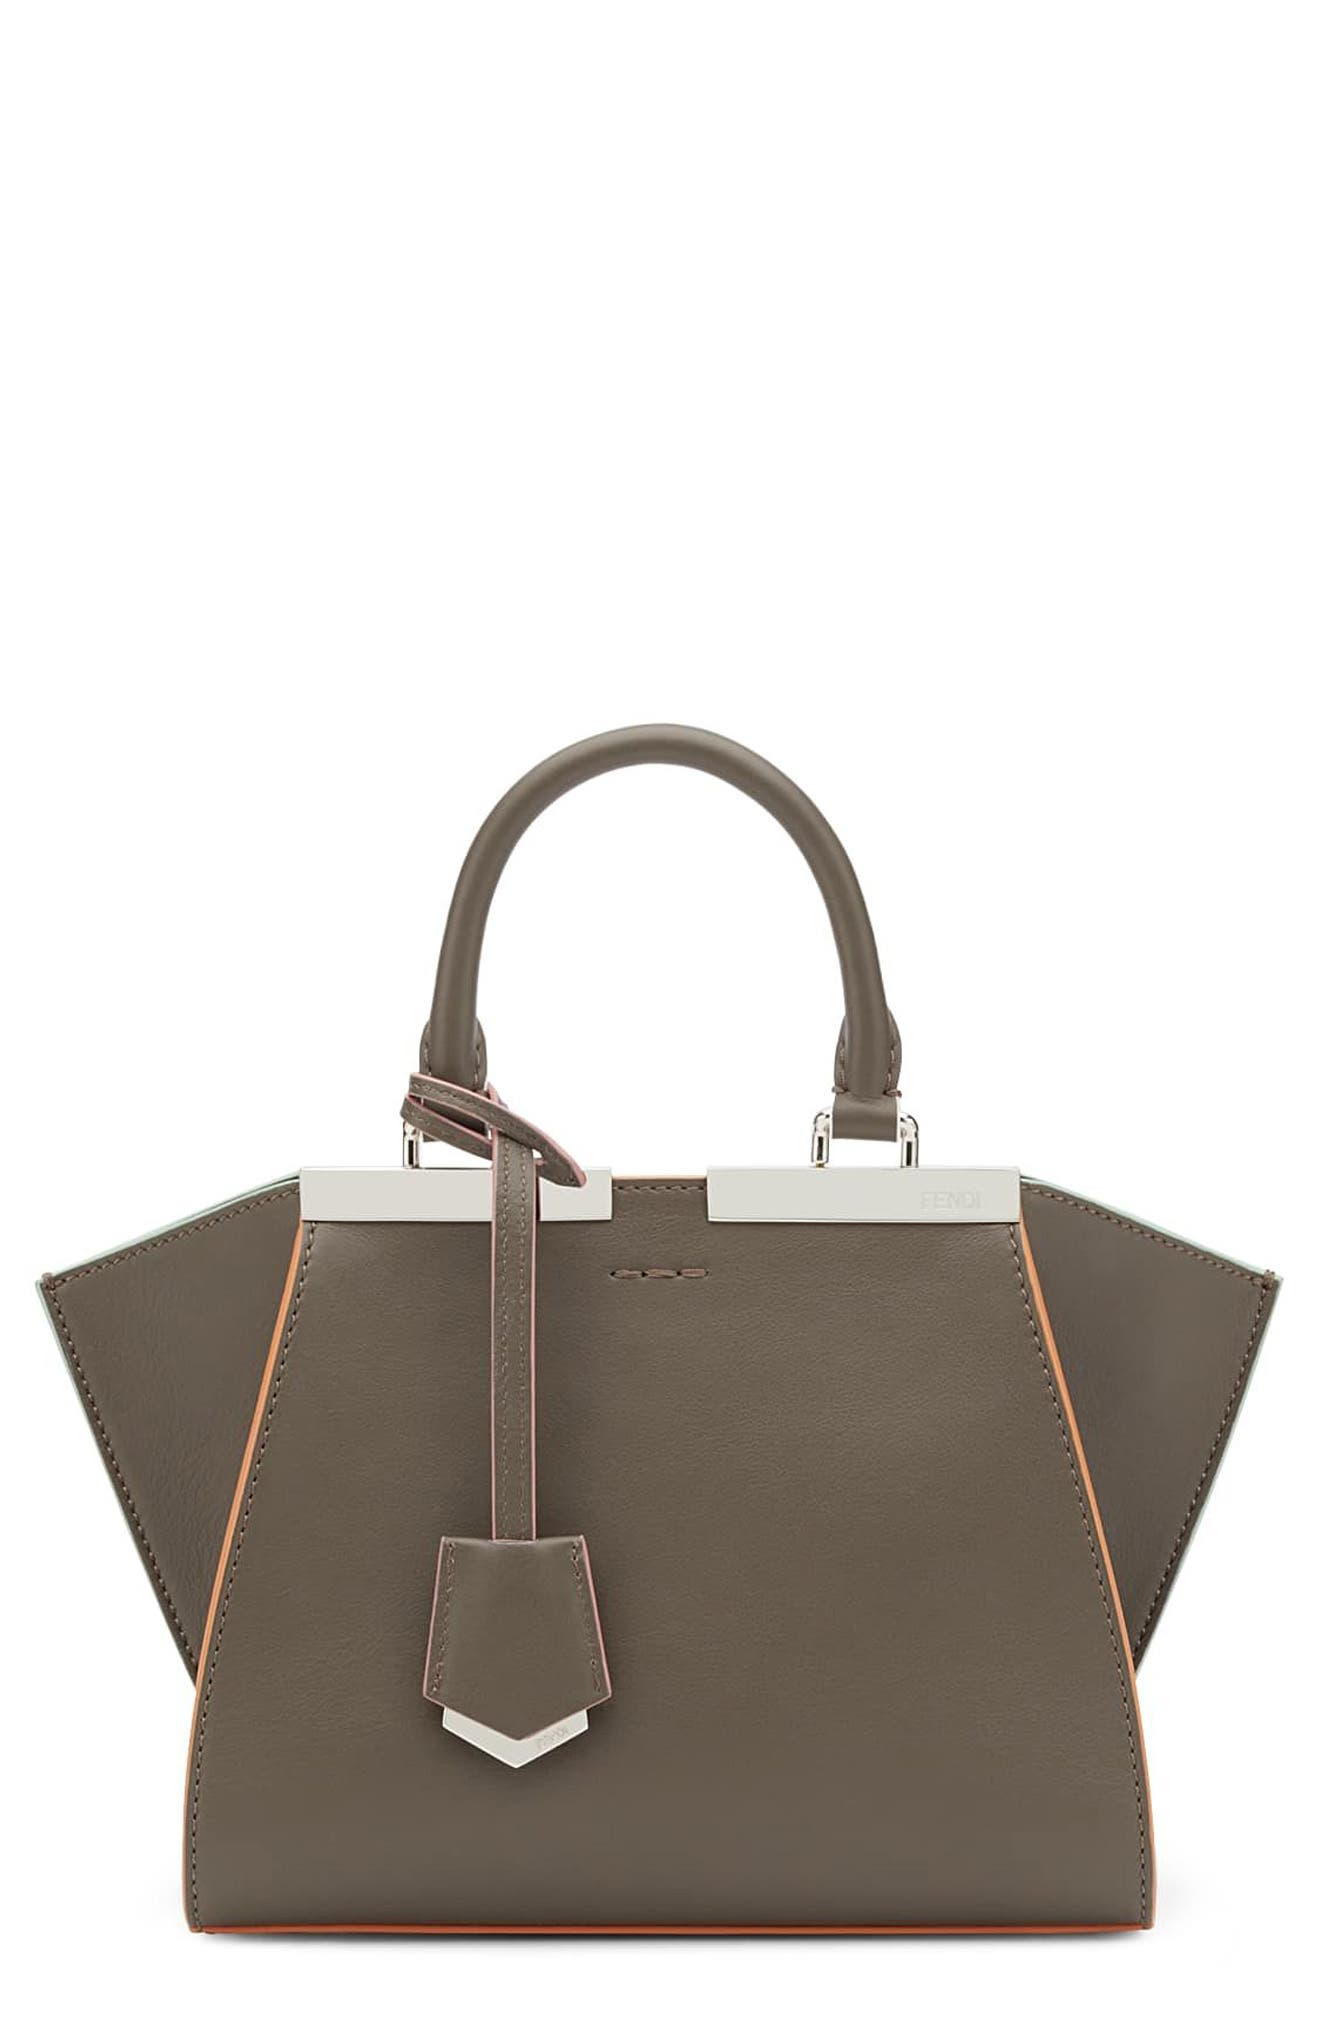 FENDI, 'Mini 3Jours' Calfskin Leather Shopper, Main thumbnail 1, color, 077